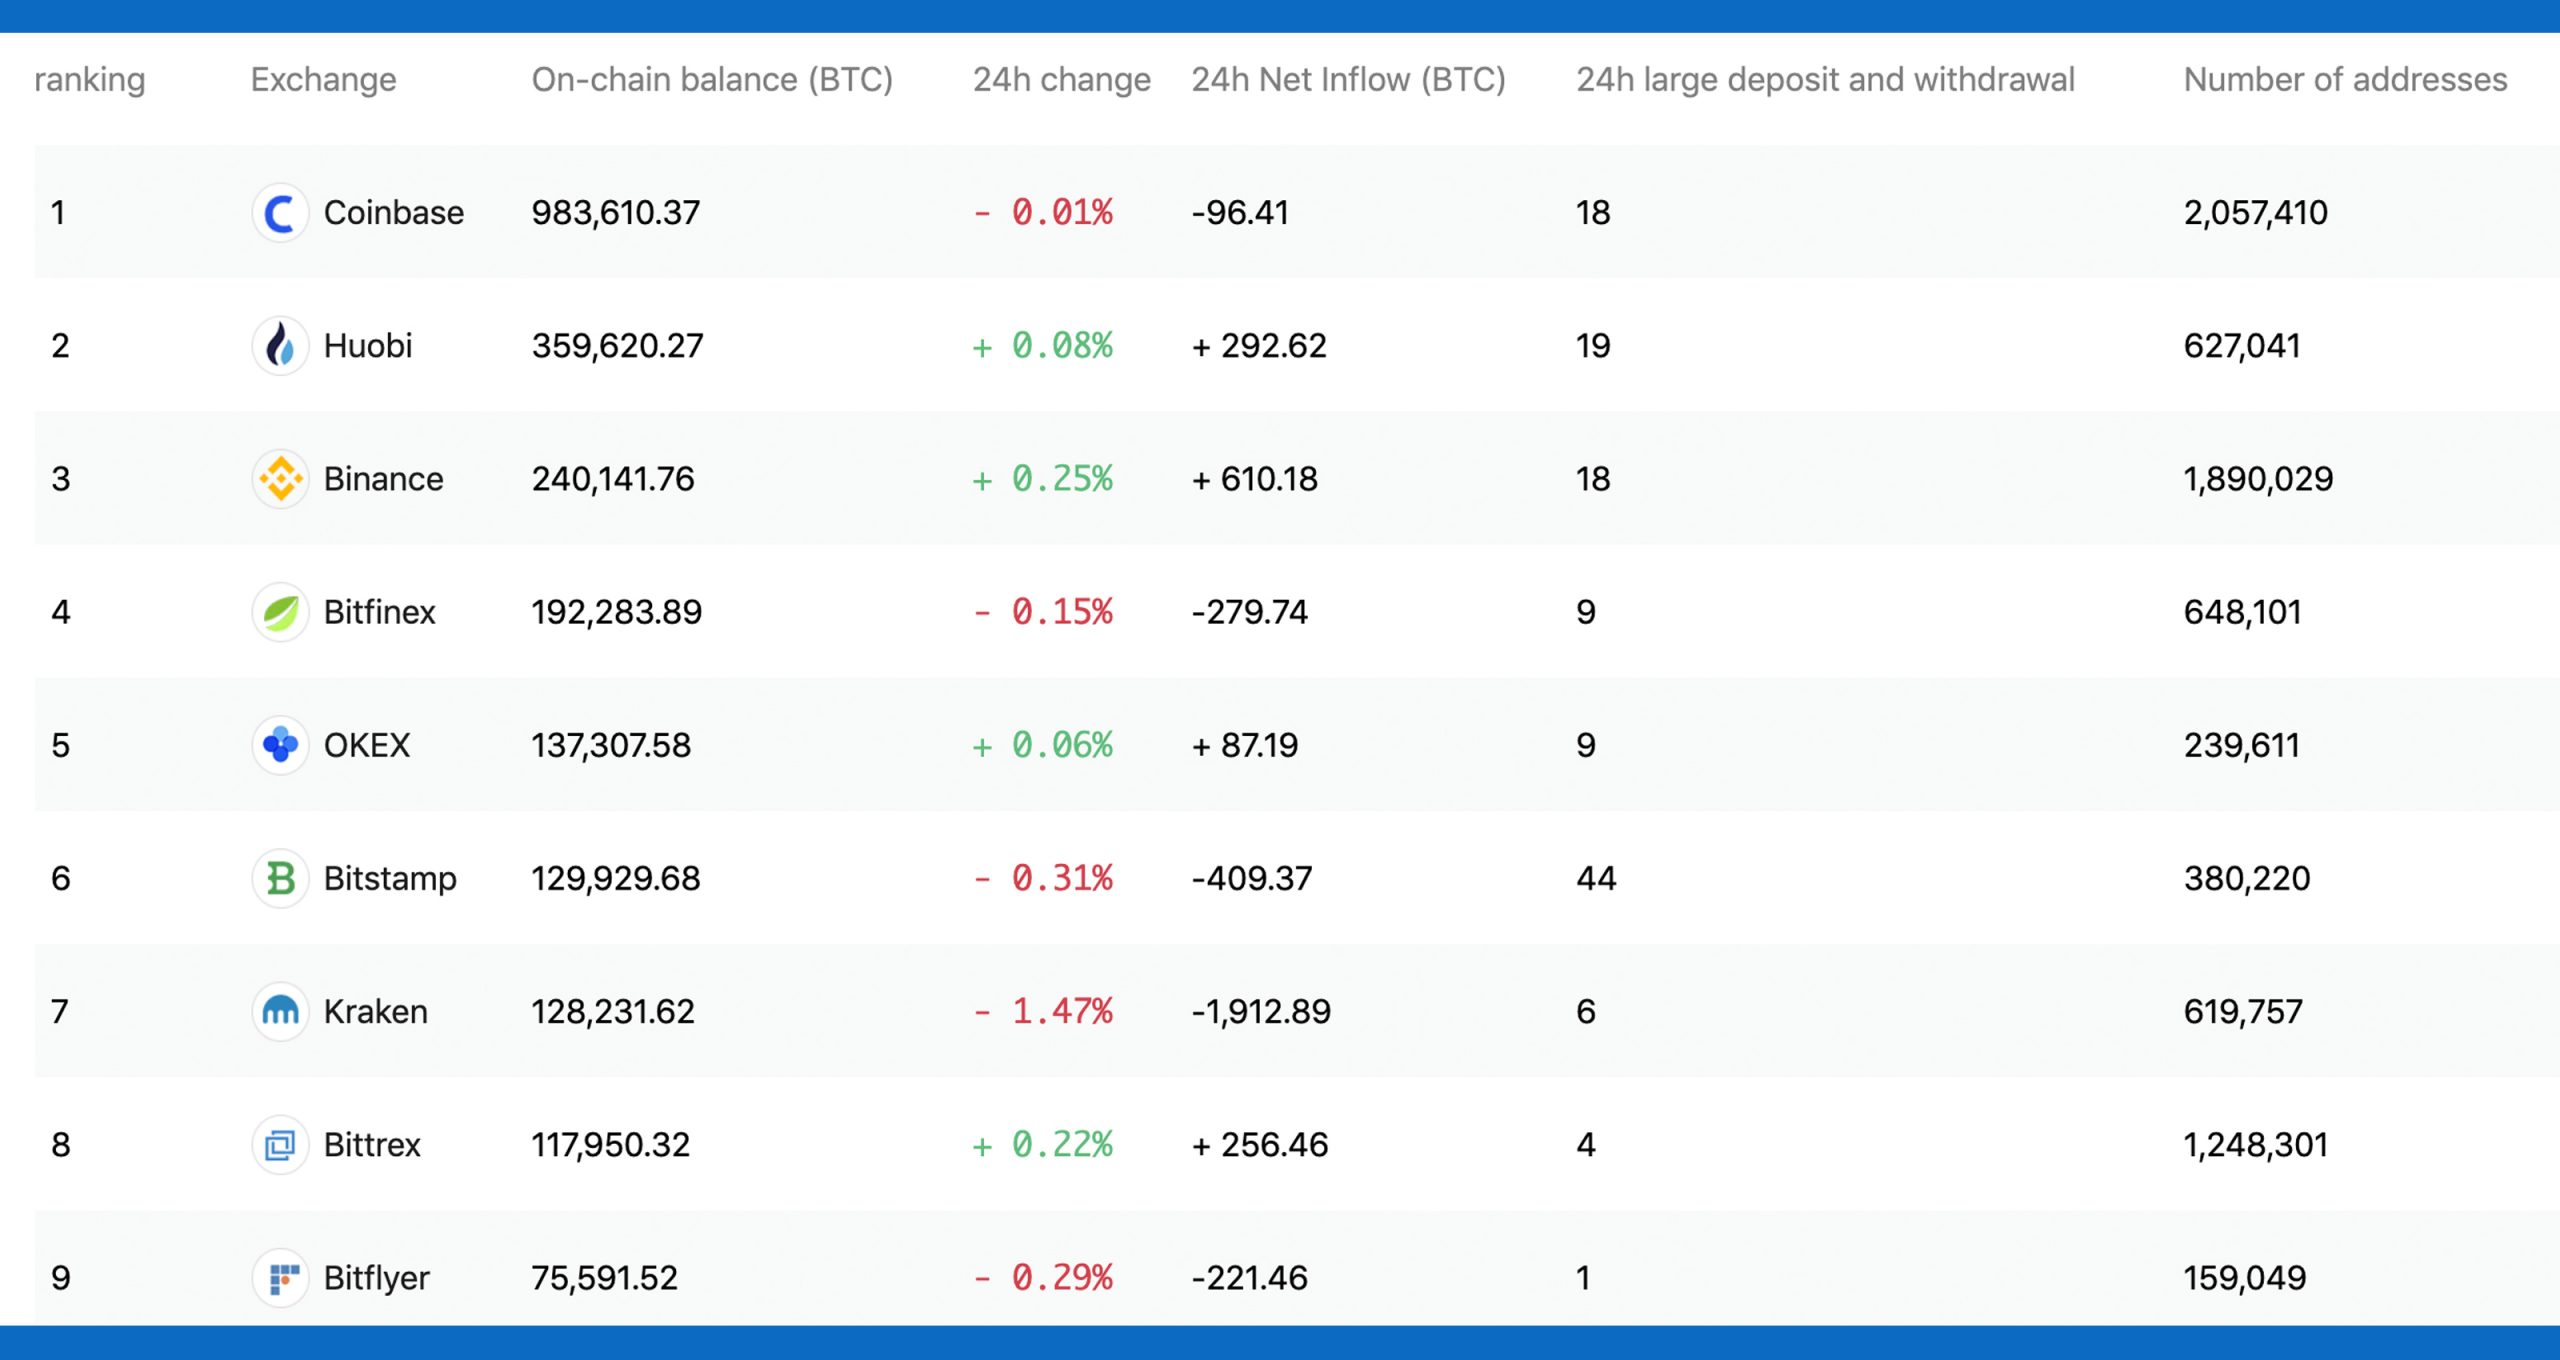 """Los datos muestran un valor de $ 25 mil millones en Bitcoin y Ether en manos de siete intercambios de criptomonedas """" width = """"2560"""" height = """"1360"""" srcset = """"https://blackswanfinances.com/wp-content/uploads/2020/01/hhhhhhhhhhhhhhh09hhhhhhh-scaled.jpg 2560w, https://news.bitcoin.com/ wp-content / uploads / 2020/01 / hhhhhhhhhhhhhhh09hhhhhhh-300x159.jpg 300w, https://news.bitcoin.com/wp-content/uploads/2020/01/hhhhhhhhhhhhhhh09hhhhhhh-1024x544.jpg. bitcoin.com/wp-content/uploads/2020/01/hhhhhhhhhhhhhhh09hhhhhhh-768x408.jpg 768w, https://news.bitcoin.com/wp-content/uploads/2020/01/hhhhhhhhhhhhhhh09hhhhhh. //news.bitcoin.com/wp-content/uploads/2020/01/hhhhhhhhhhhhhhh09hhhhhhh-2048x1088.jpg 2048w, https://news.bitcoin.com/wp-content/uploads/2020/01/hhhhhhhhhhhhhhh09hhhhhhhh. 696w, https: // ne ws.bitcoin.com/wp-content/uploads/2020/01/hhhhhhhhhhhhhhh09hhhhhhh-1392x740.jpg 1392w, https://news.bitcoin.com/wp-content/uploads/2020/01/hhhhhhhhhhhhhhh09hhhhhhh. https://news.bitcoin.com/wp-content/uploads/2020/01/hhhhhhhhhhhhhhh09hhhhhhh-791x420.jpg 791w, https://news.bitcoin.com/wp-content/uploads/2020/01/hhhhhhhhhhhhhhh09h20hhhhh .jpg 1920w """"tamaños ="""" (ancho máximo: 2560px) 100vw, 2560px"""